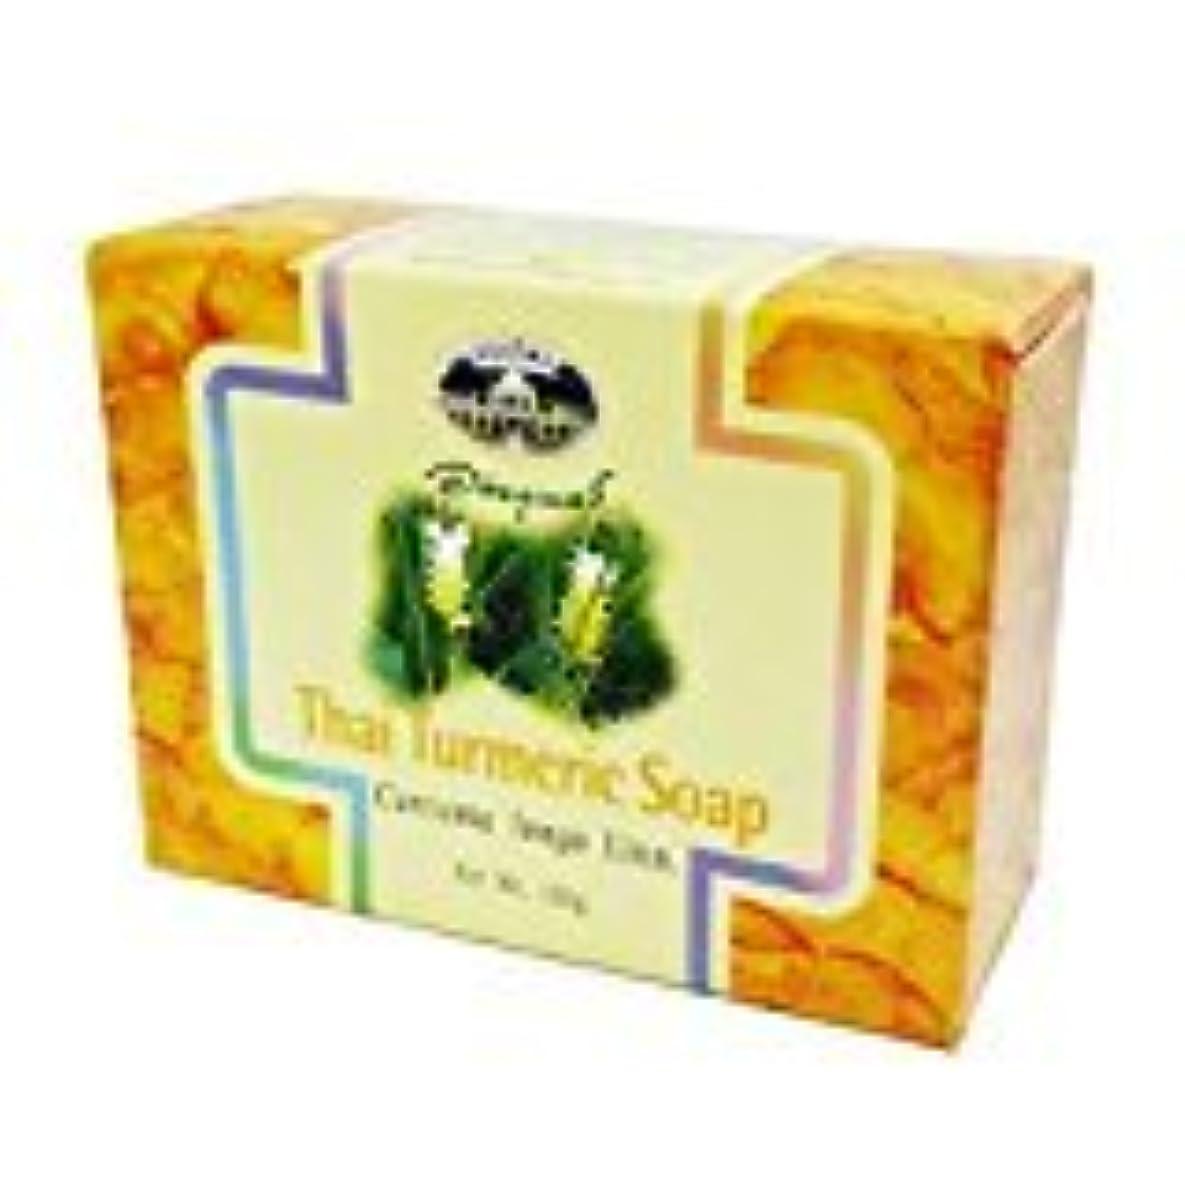 病者波紋吸収ウコン石けん abhaibhubejhr Turmeric soap 100g